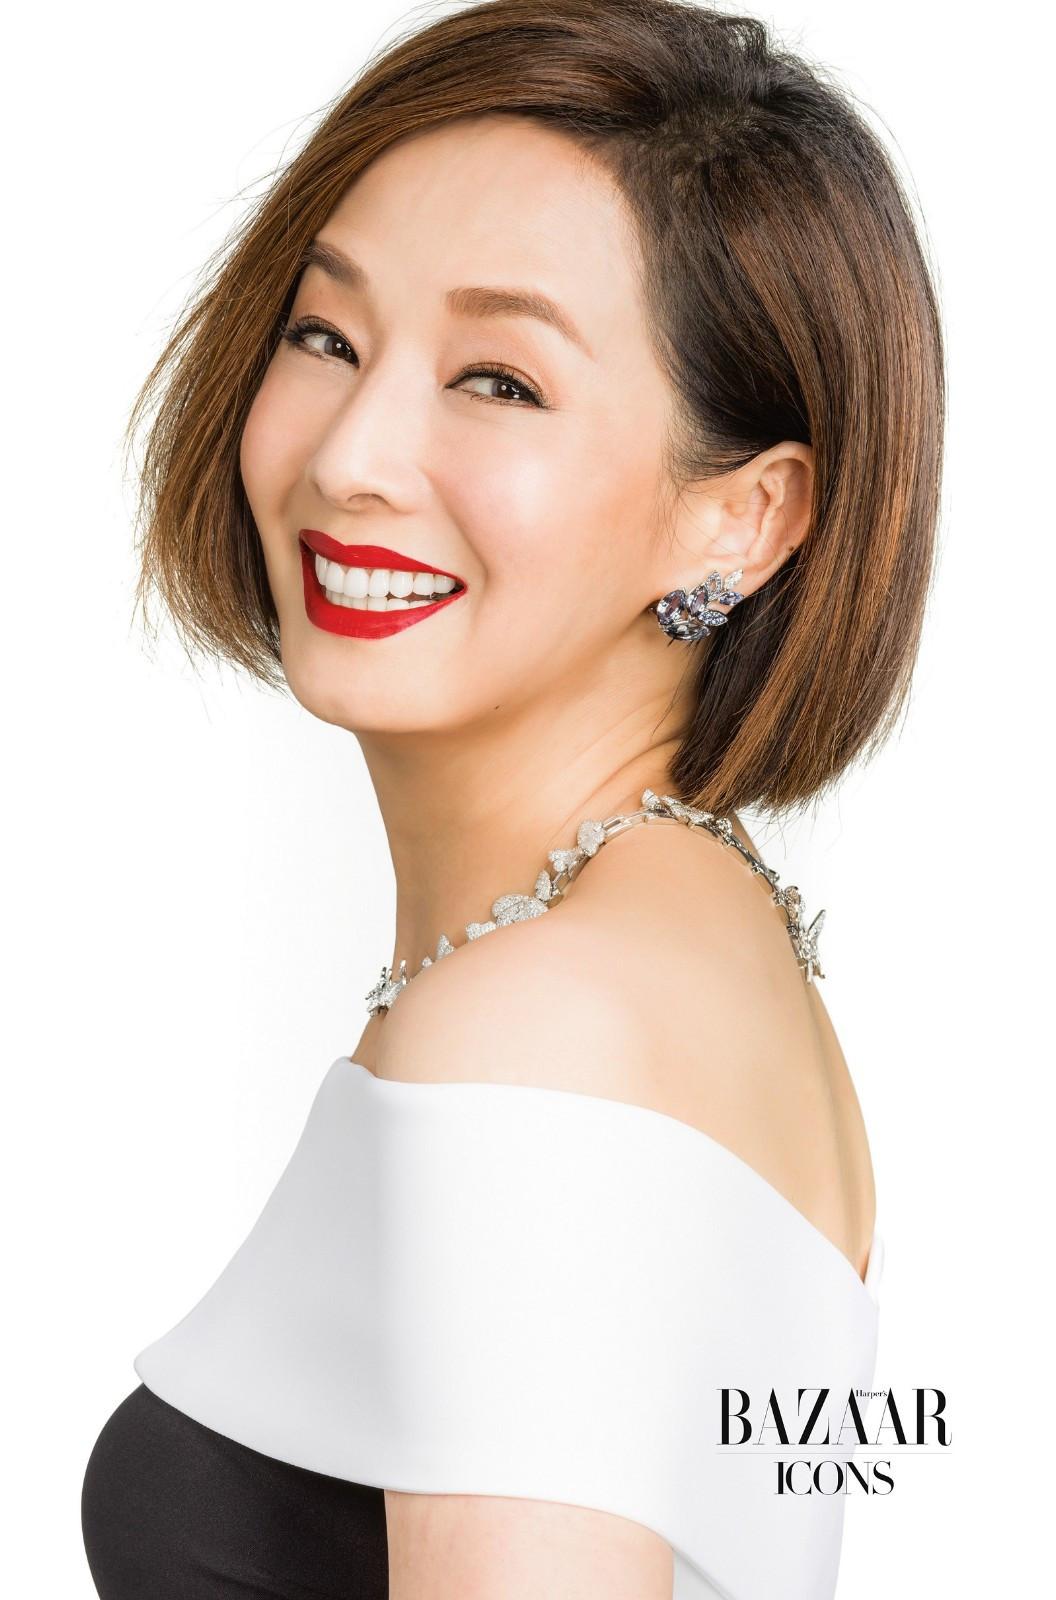 毛舜筠正式加盟英皇娱乐 金像奖最佳女主角再夺亚太影后桂冠